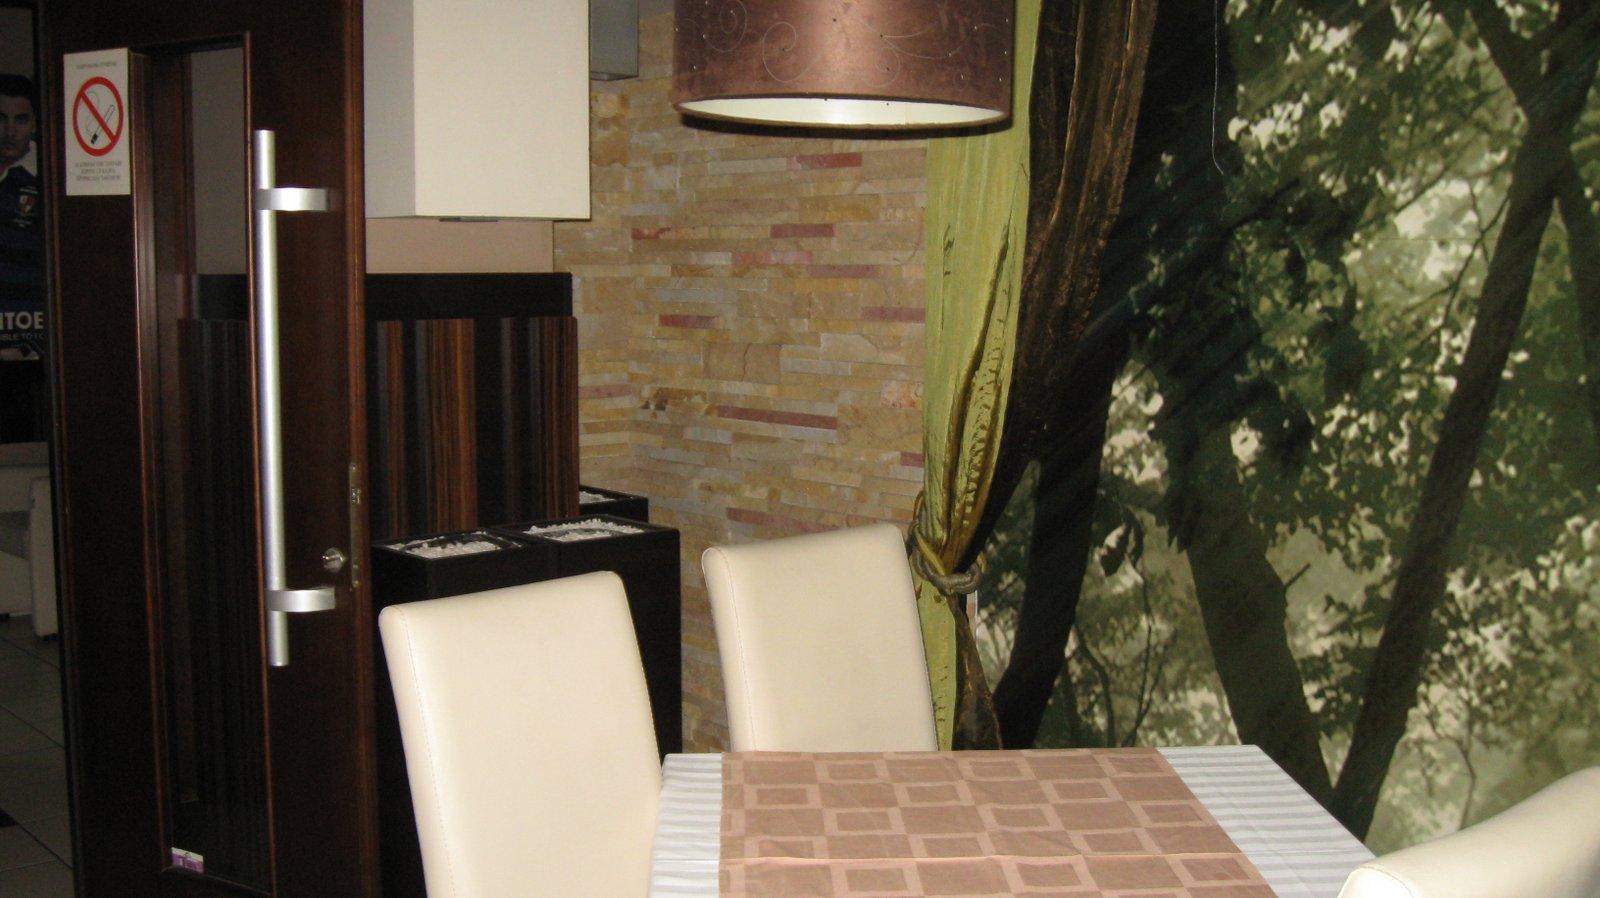 Enterijer restorana uredjen sa kamenom (4)